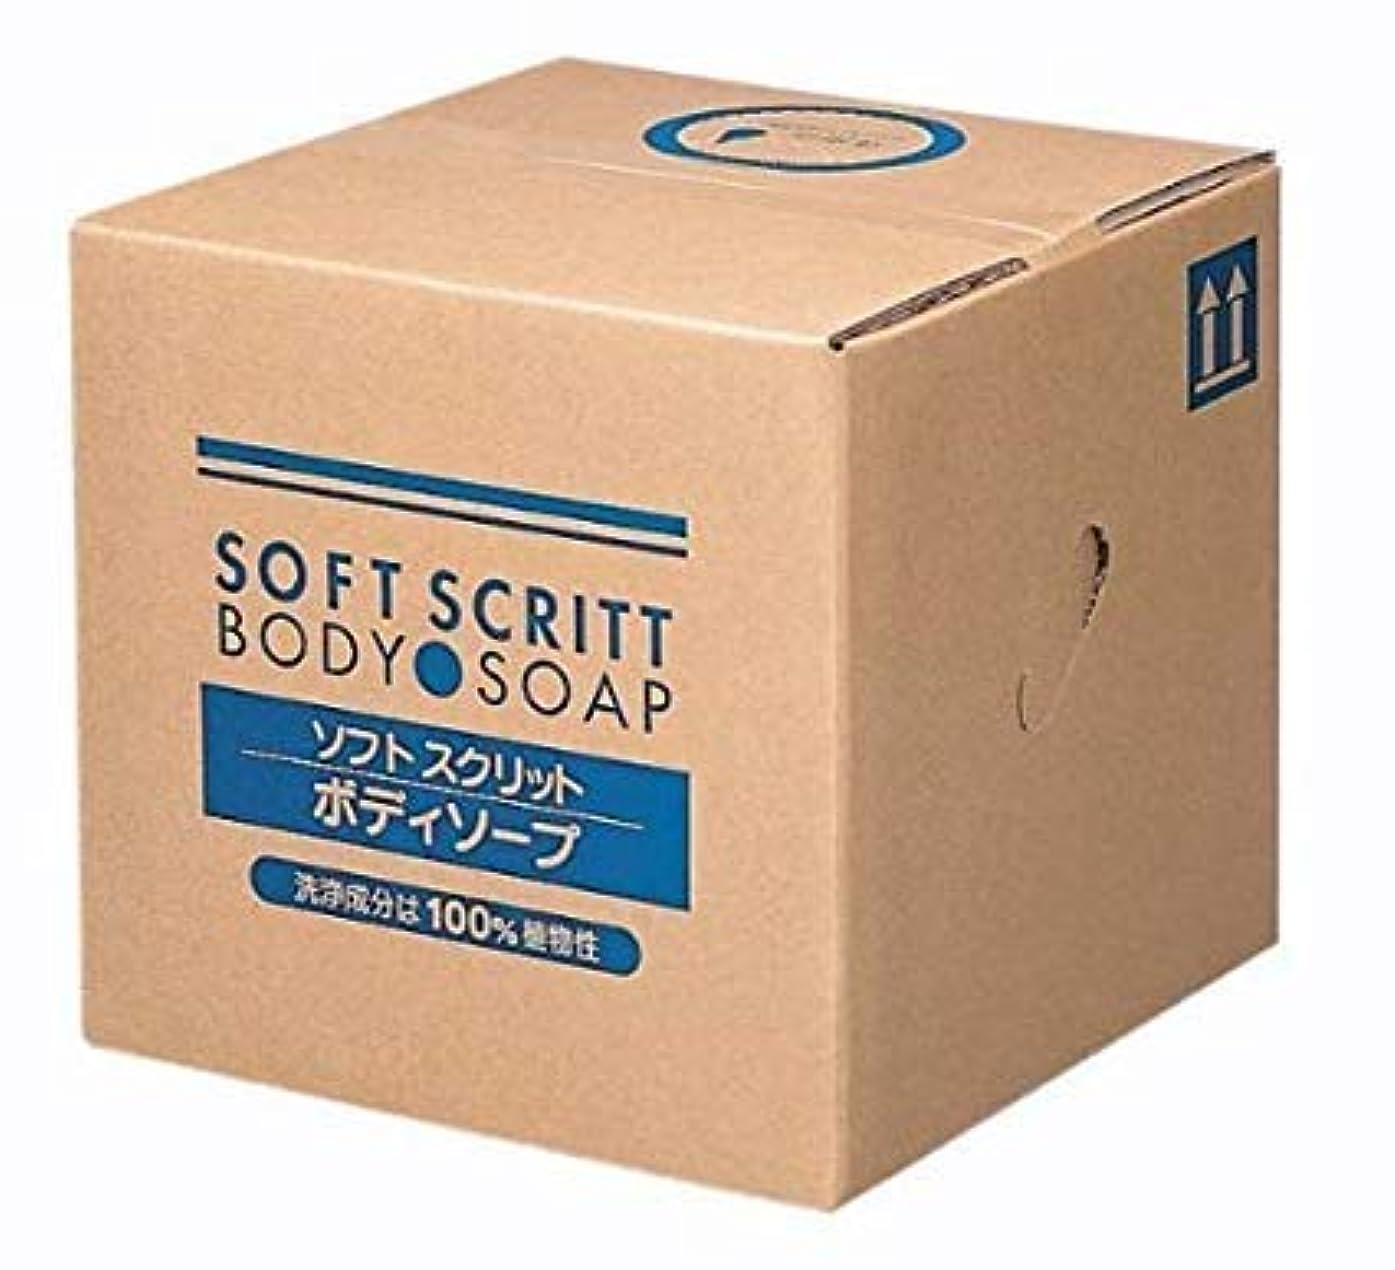 期待手書きヘビー業務用 SOFT SCRITT(ソフト スクリット) ボディソープ 18L 熊野油脂 (コック付き)